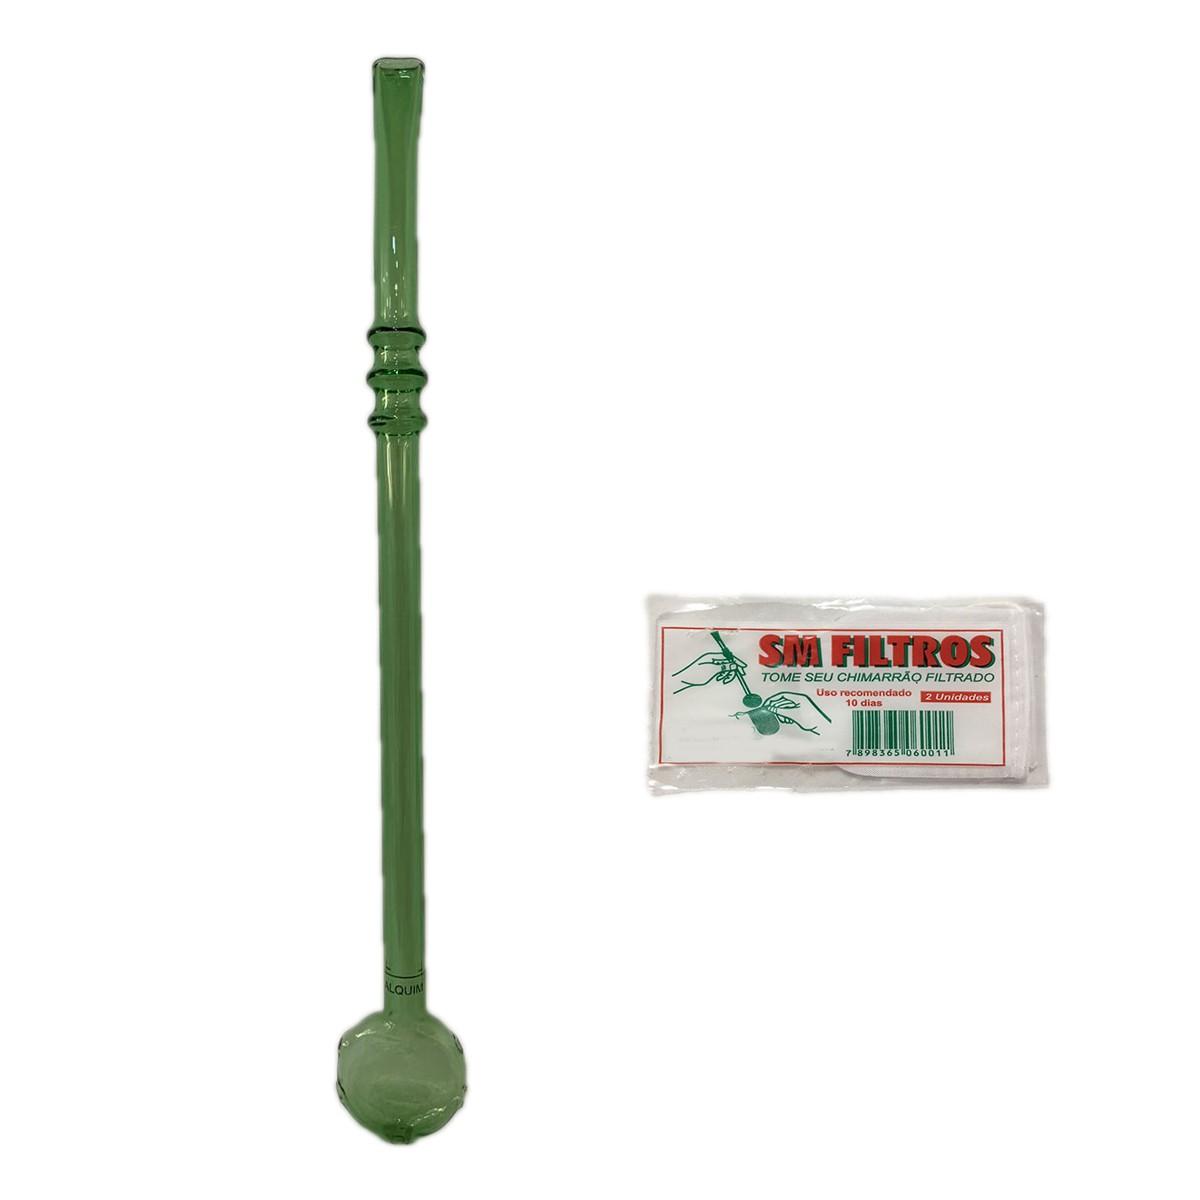 Bomba Chimarrão de Vidro Verde com 23 cm de altura